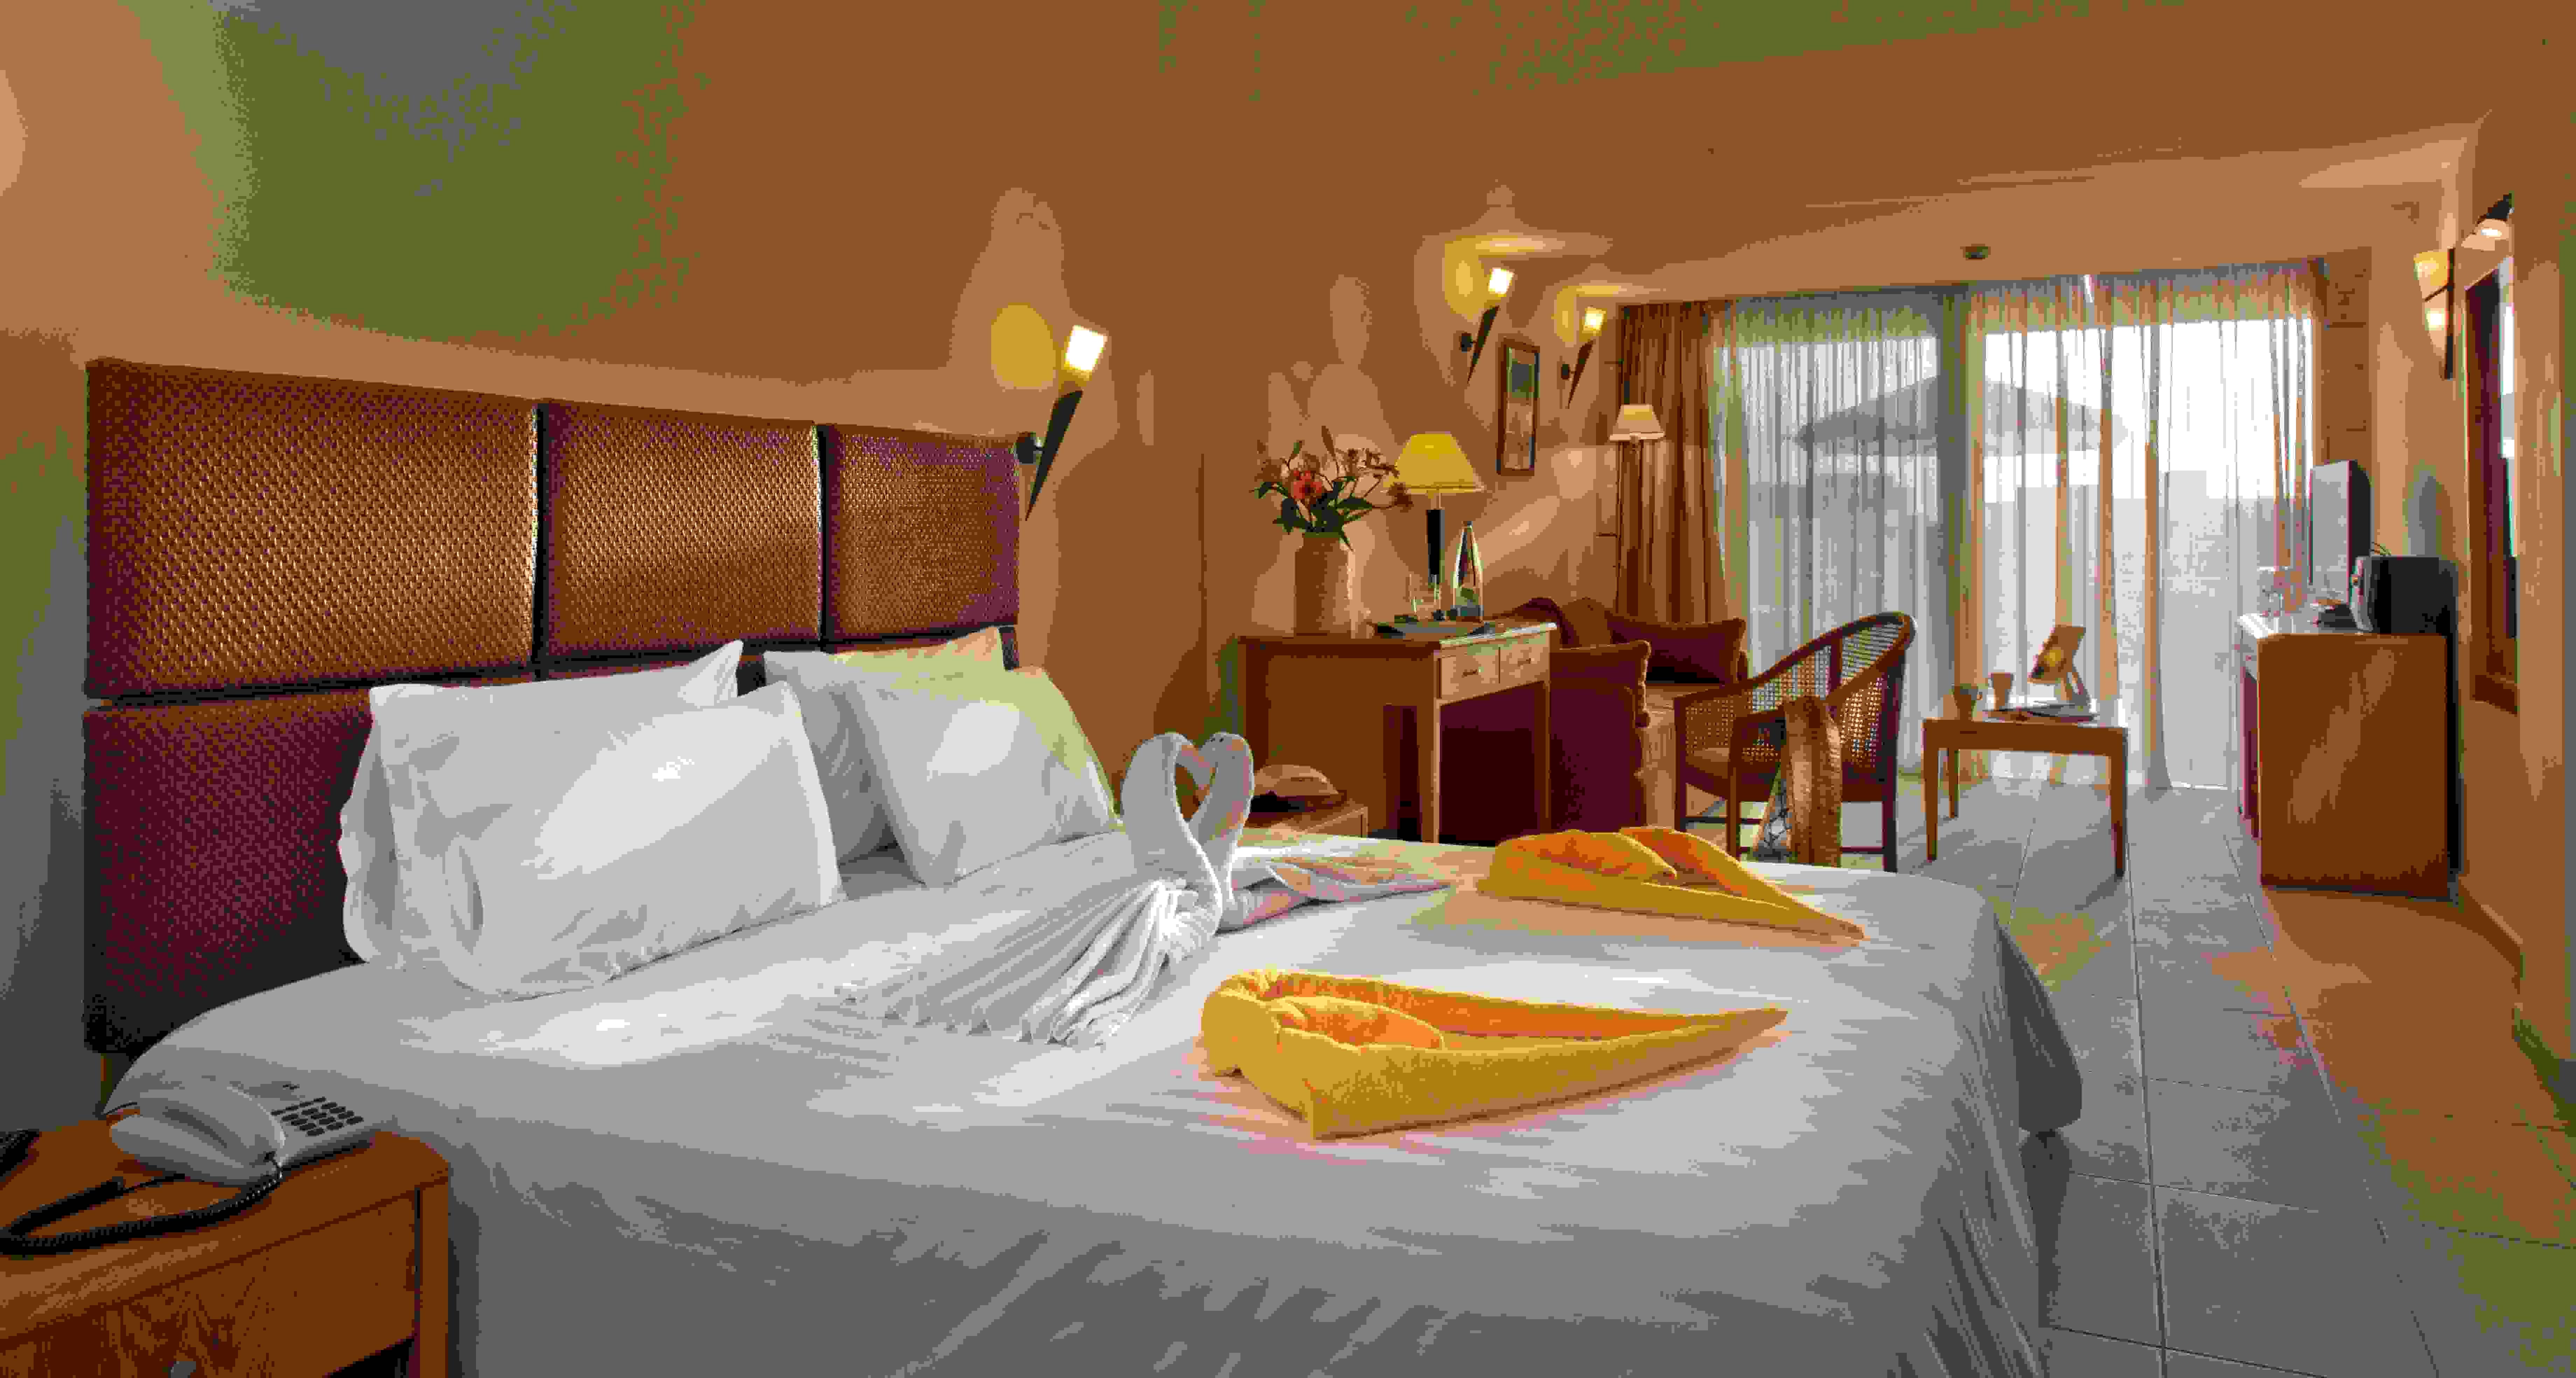 Minos Hotel Deluxe Room